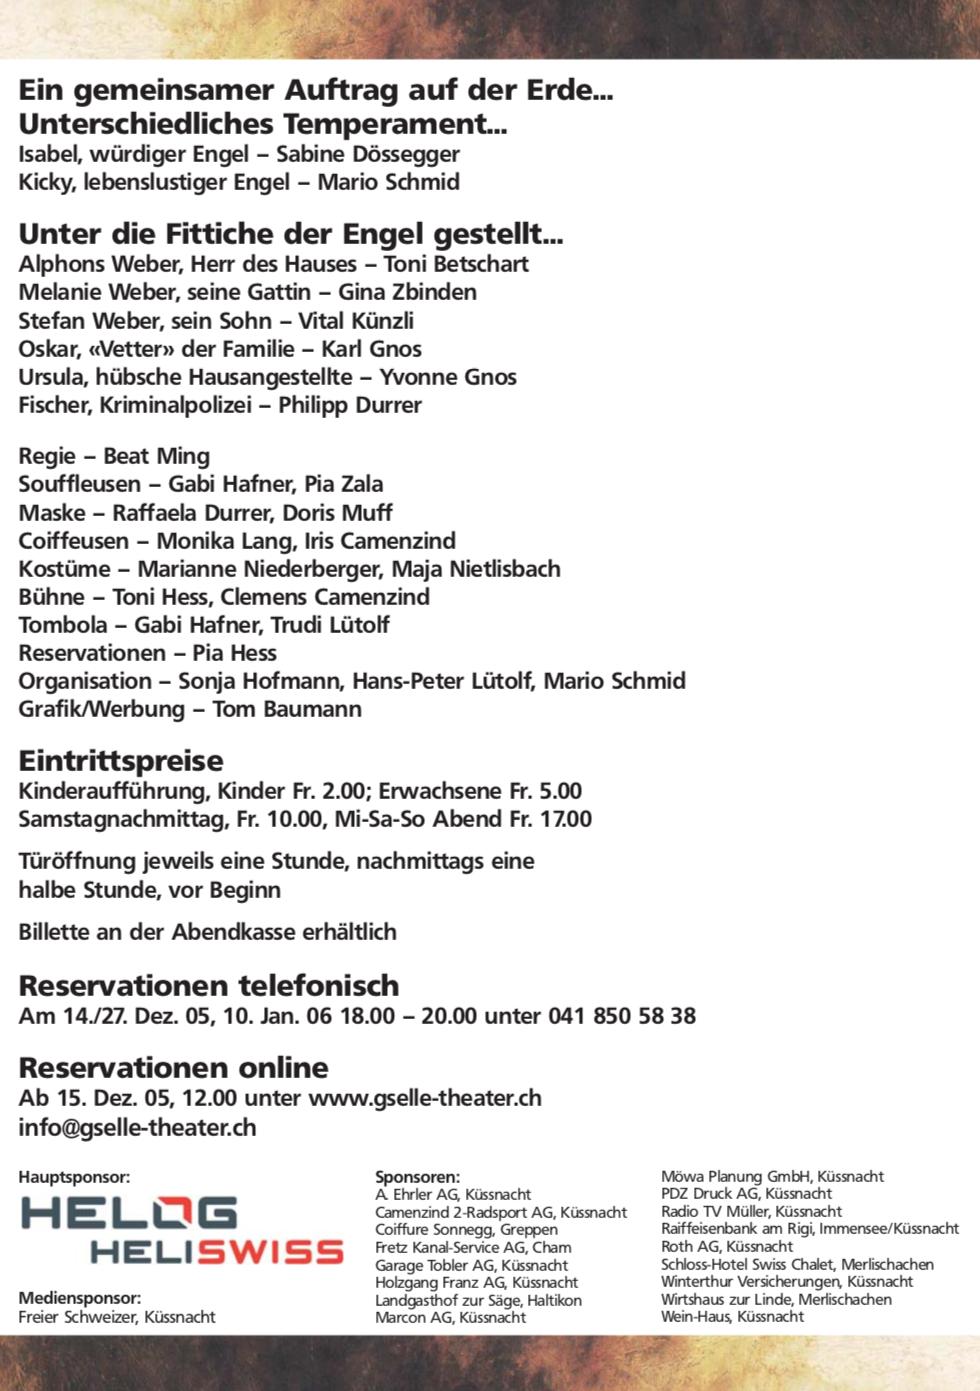 Himmlischi Schlingel 2006 - Programm